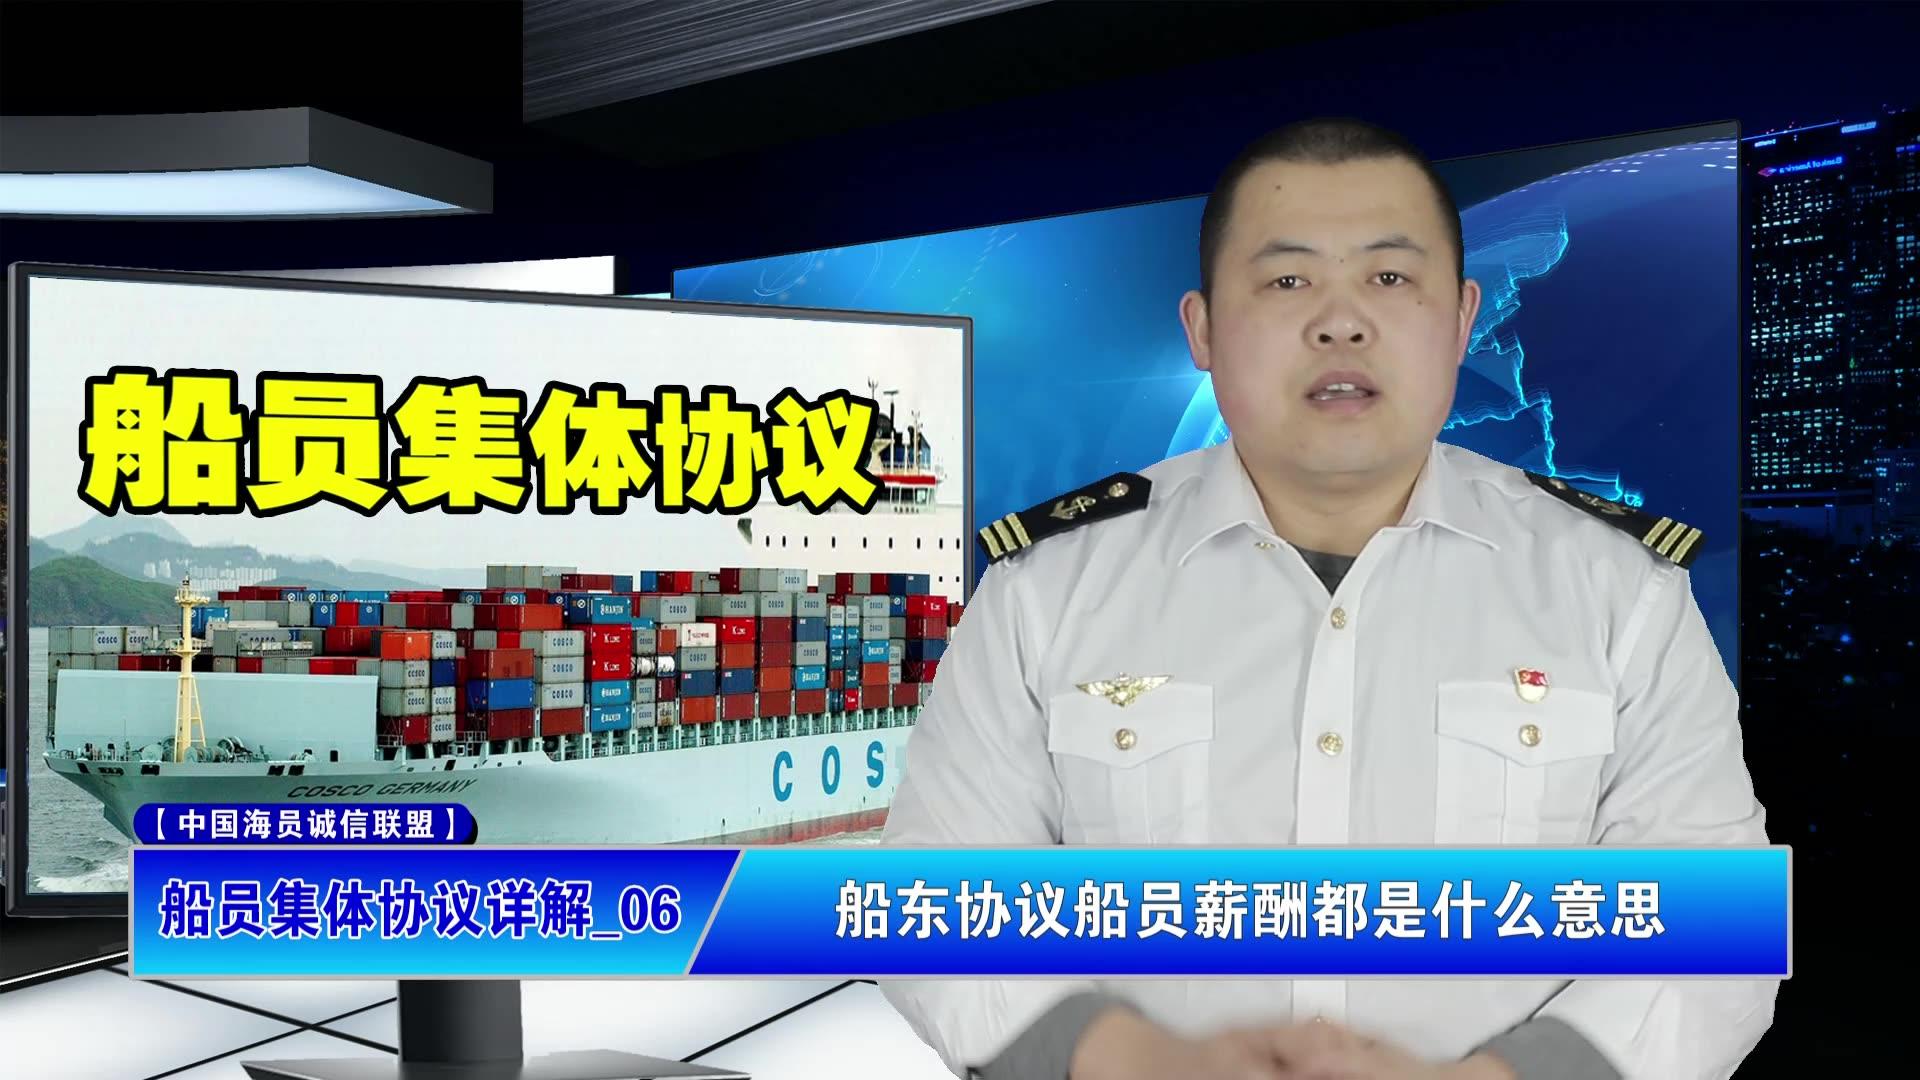 船员集体协议详解_06:船东协议船员薪酬都是什么意思